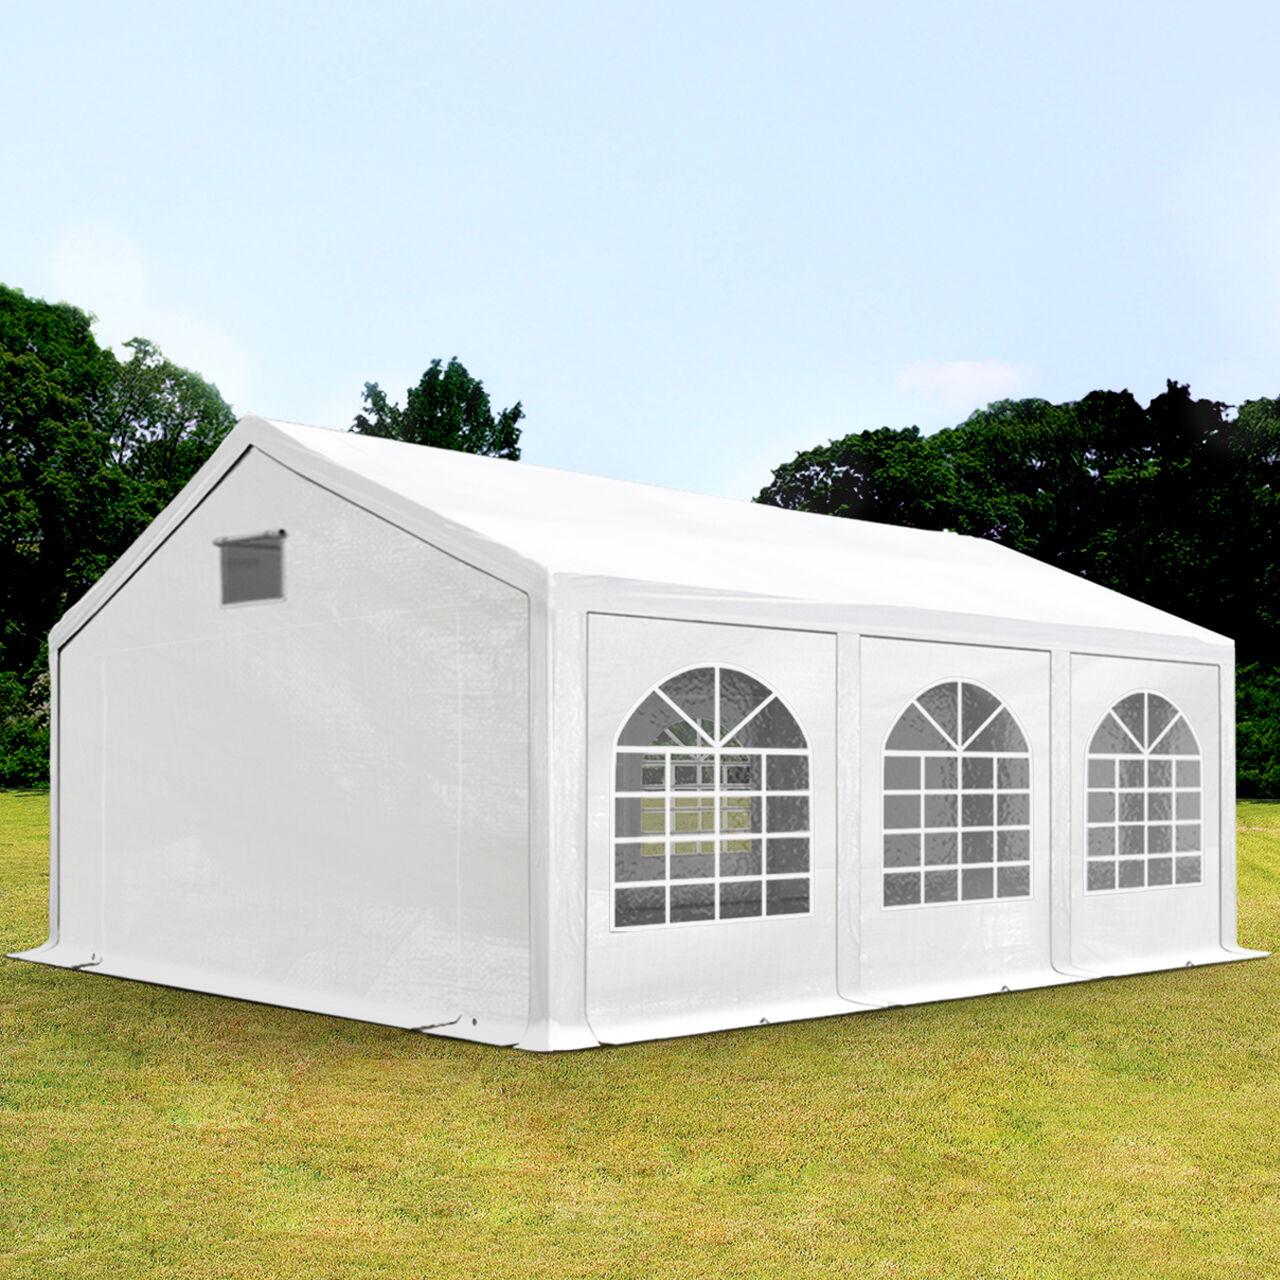 Toolport Tendone per Feste 3x6m PE 300 g/m² bianco sì